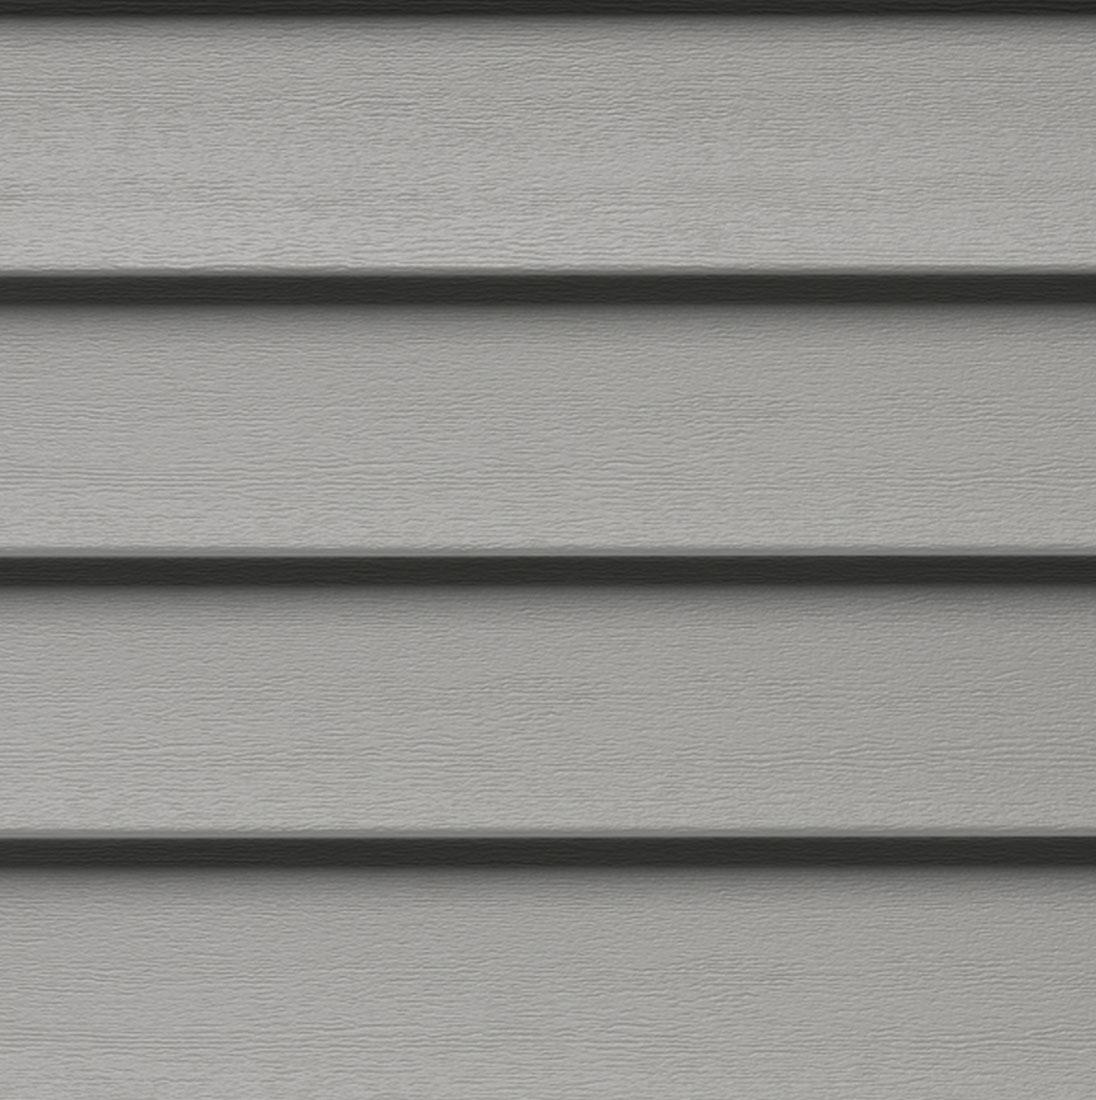 Gray Mastic Horizontal Siding